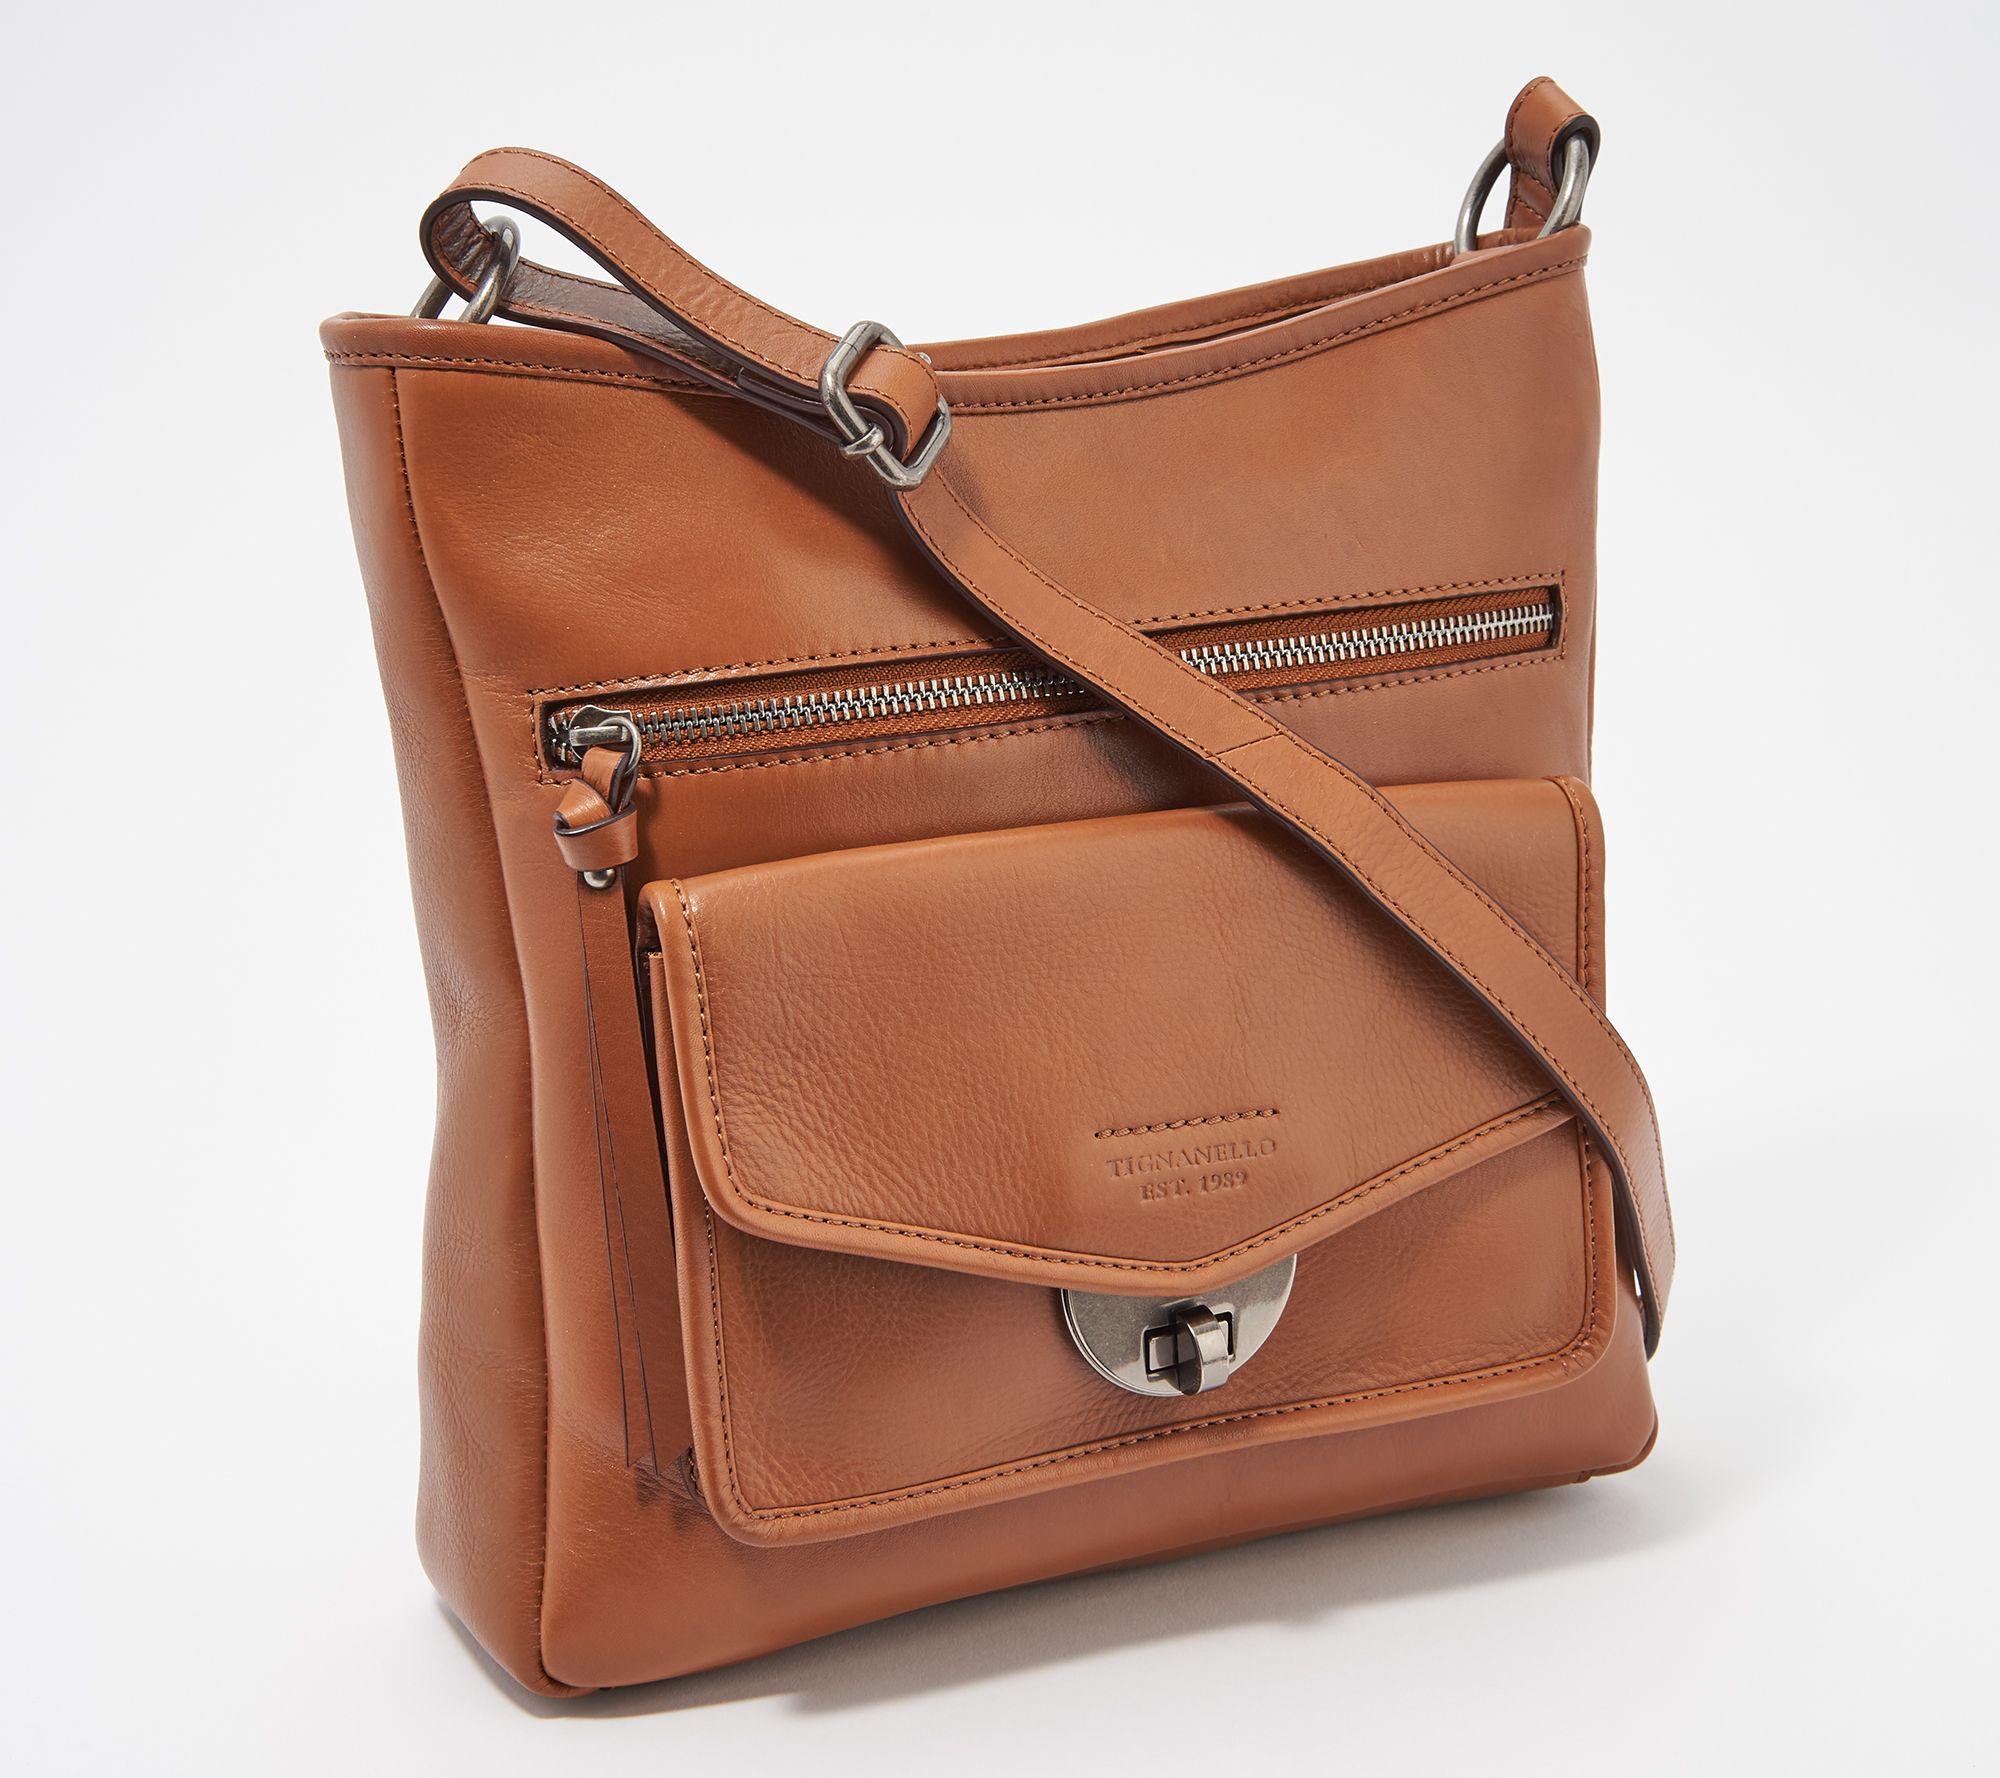 Tignanello Morocco Leather Hobo